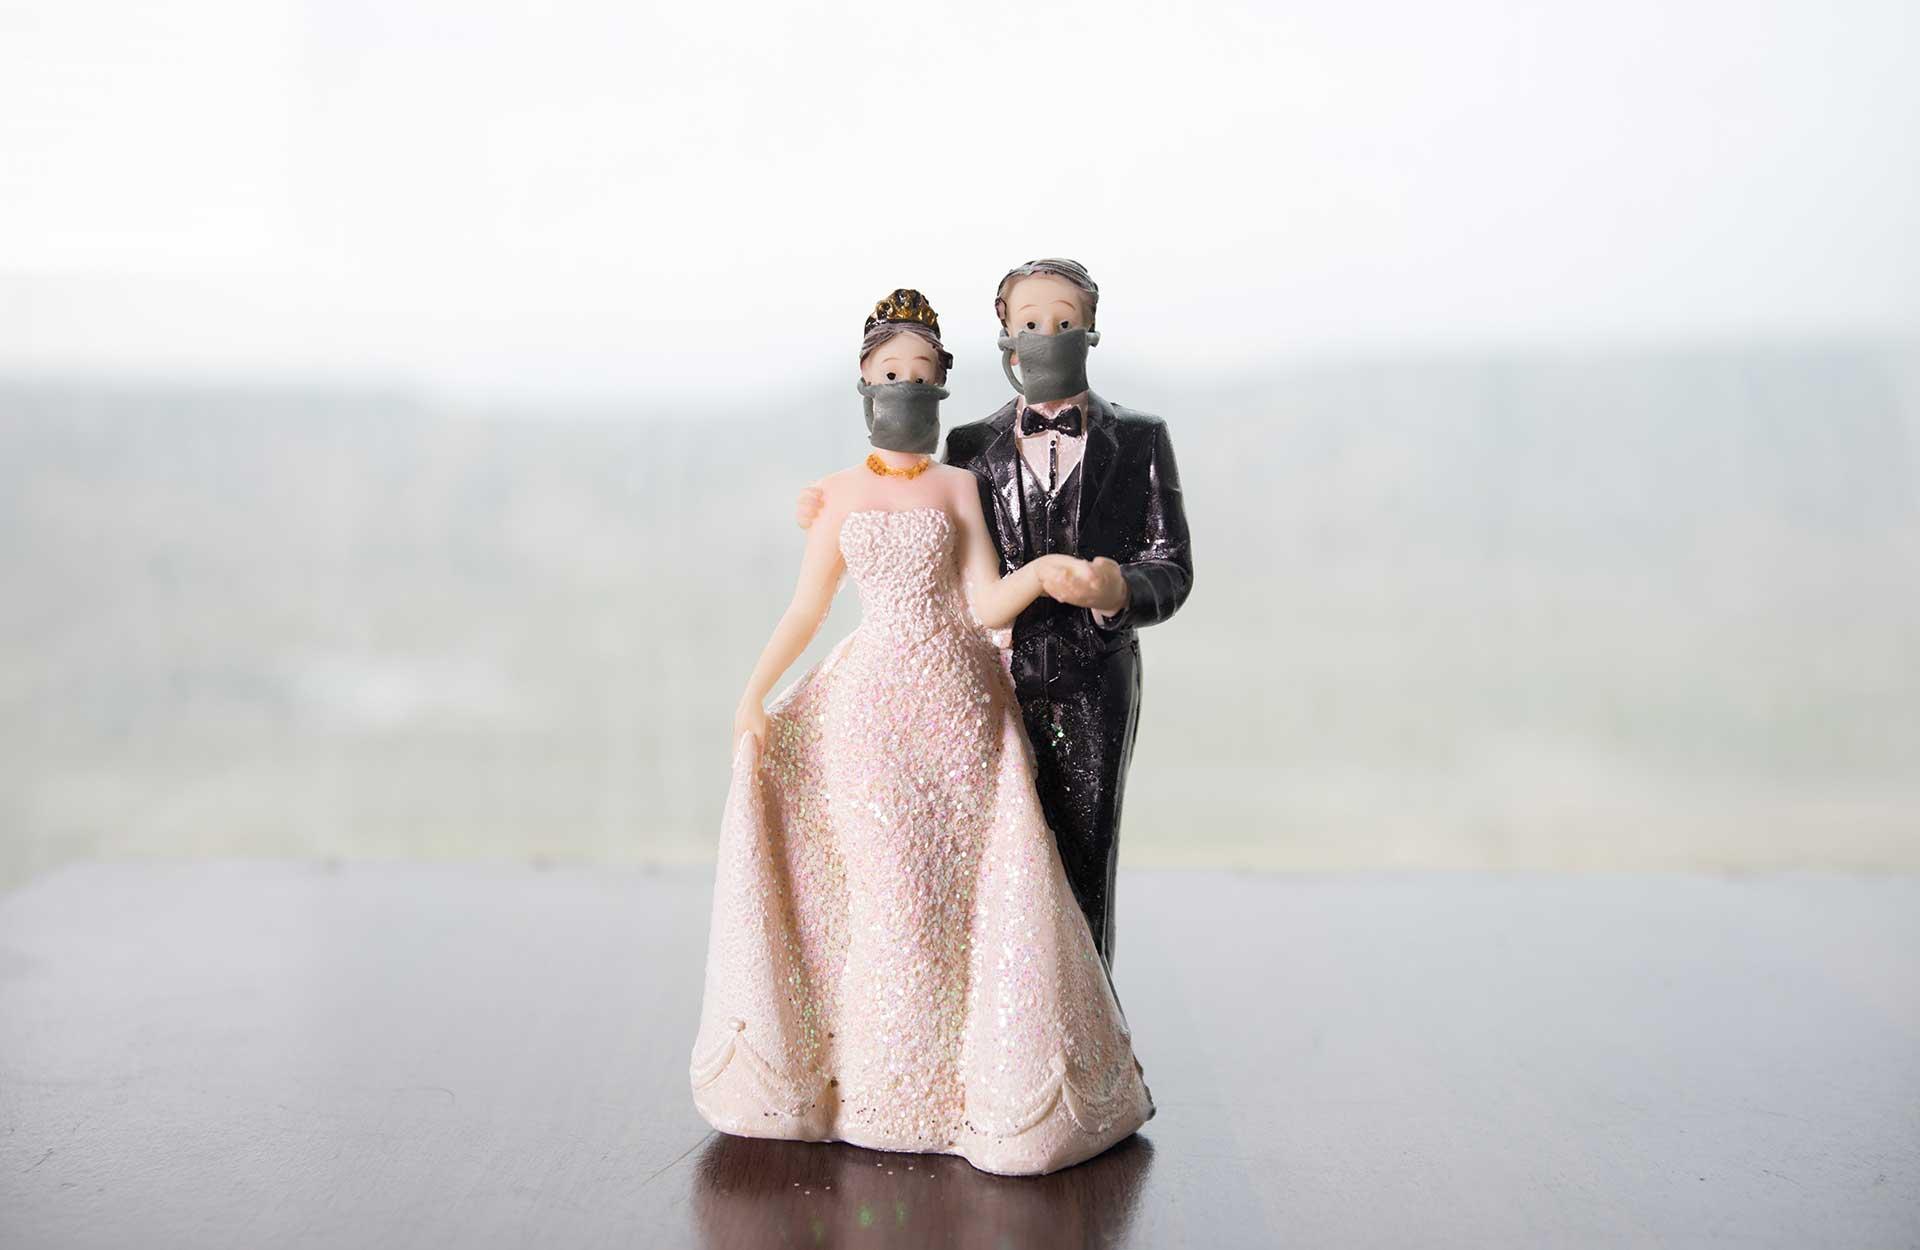 Har ditt bröllop påverkats av Corona? undersökning